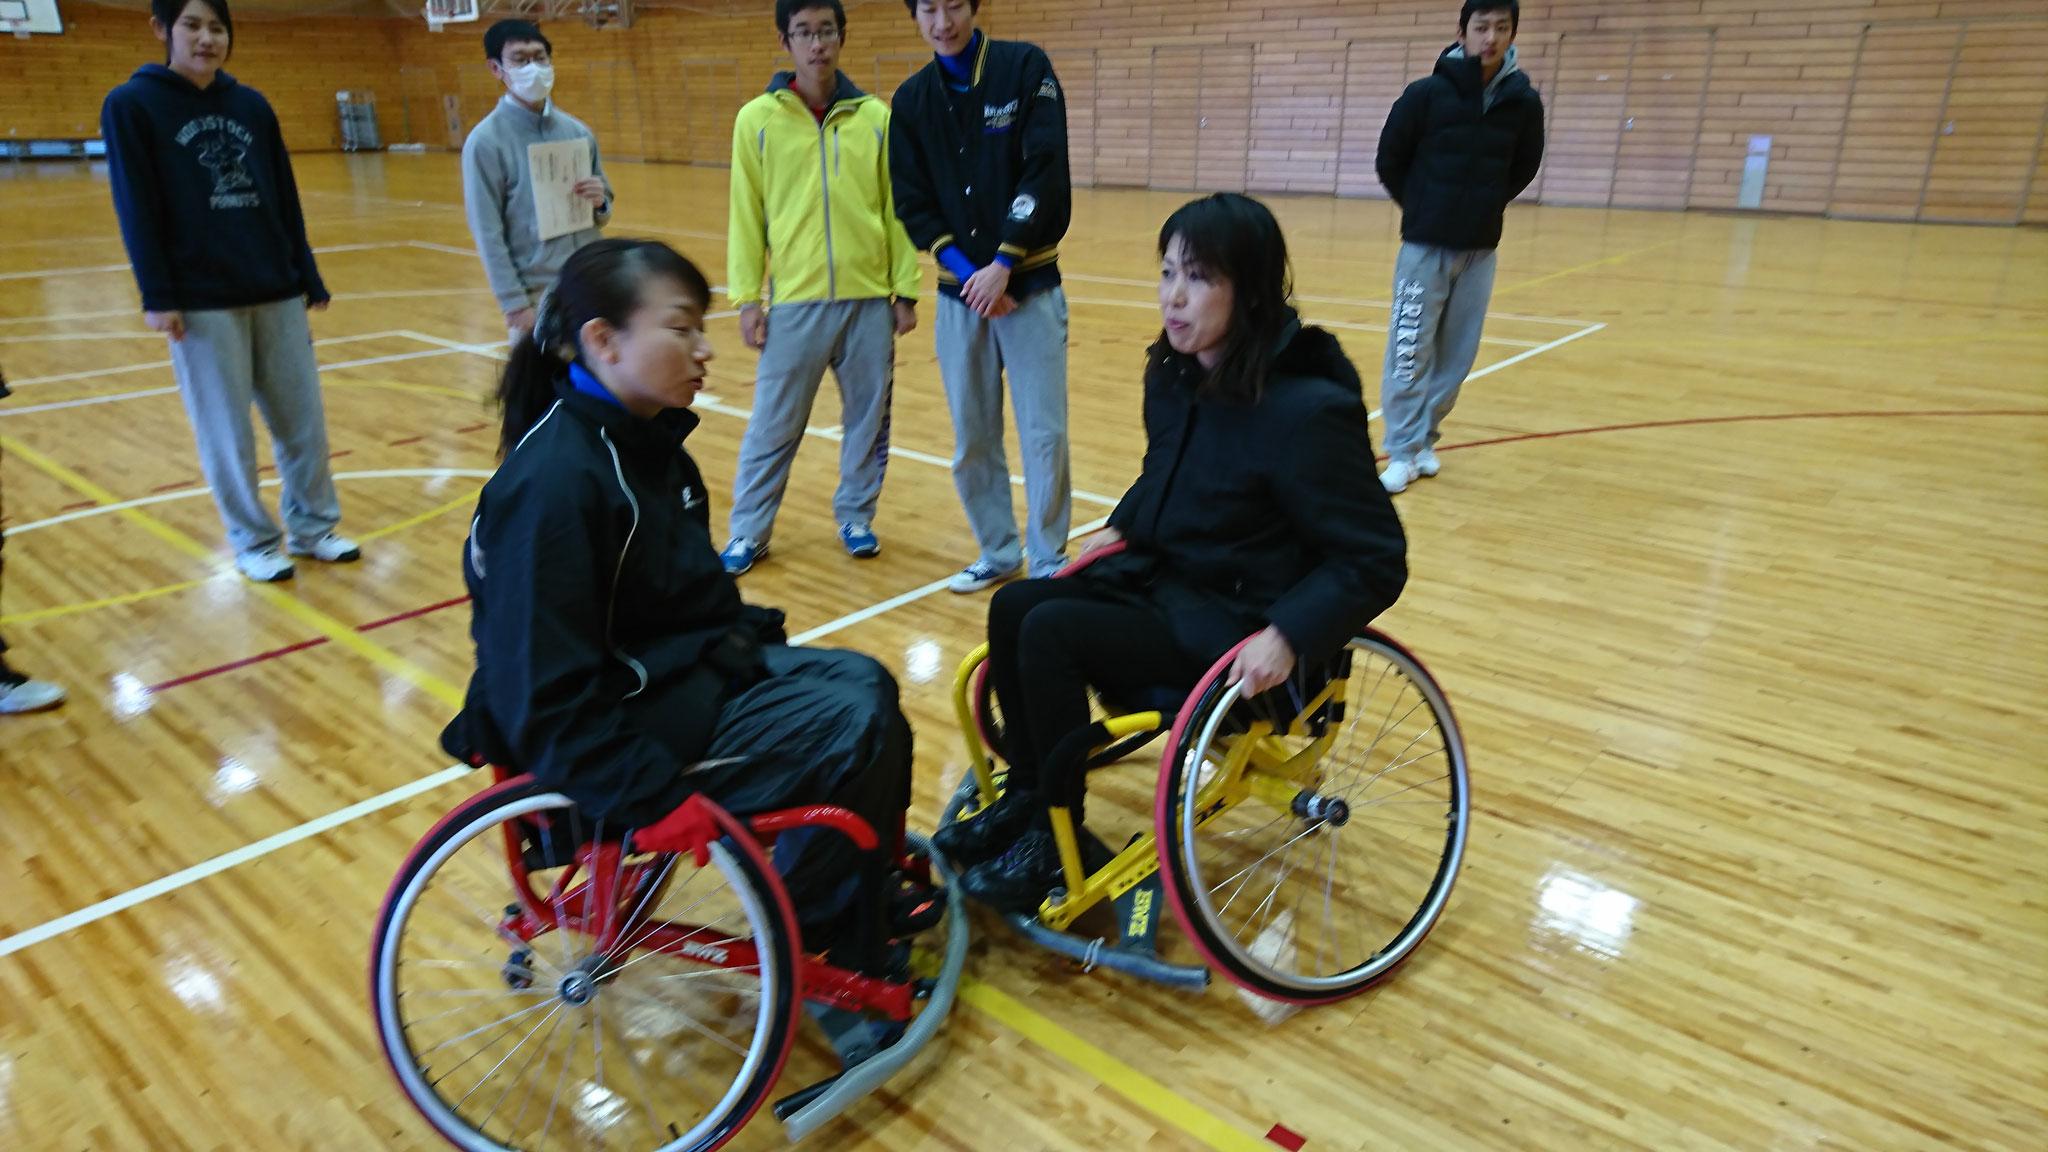 競技用車椅子 ぶつかった時の衝撃を体験しました